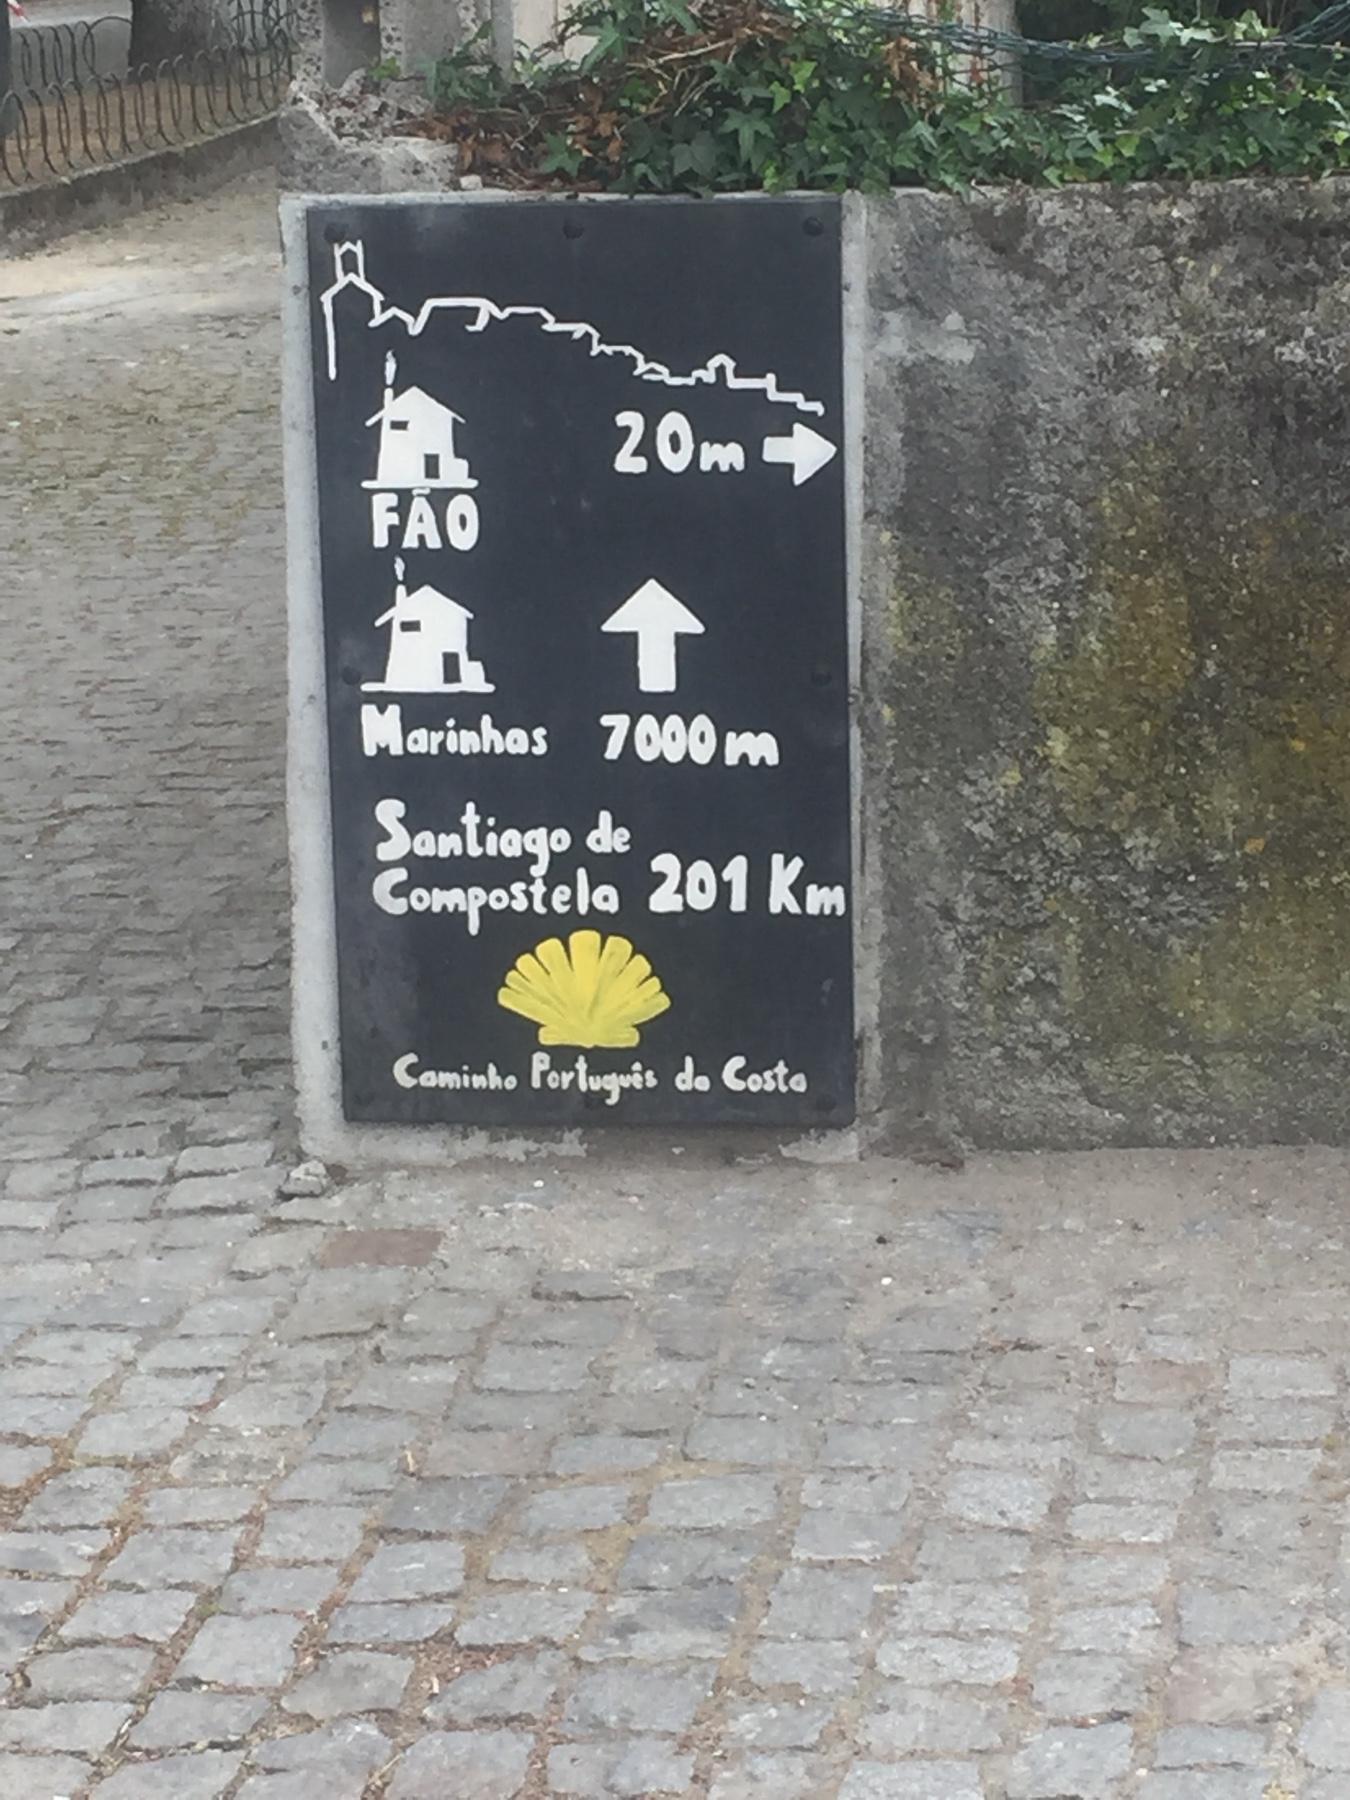 Ankunft in Fao, Schild der Jugendherberge, Caminho Portugues